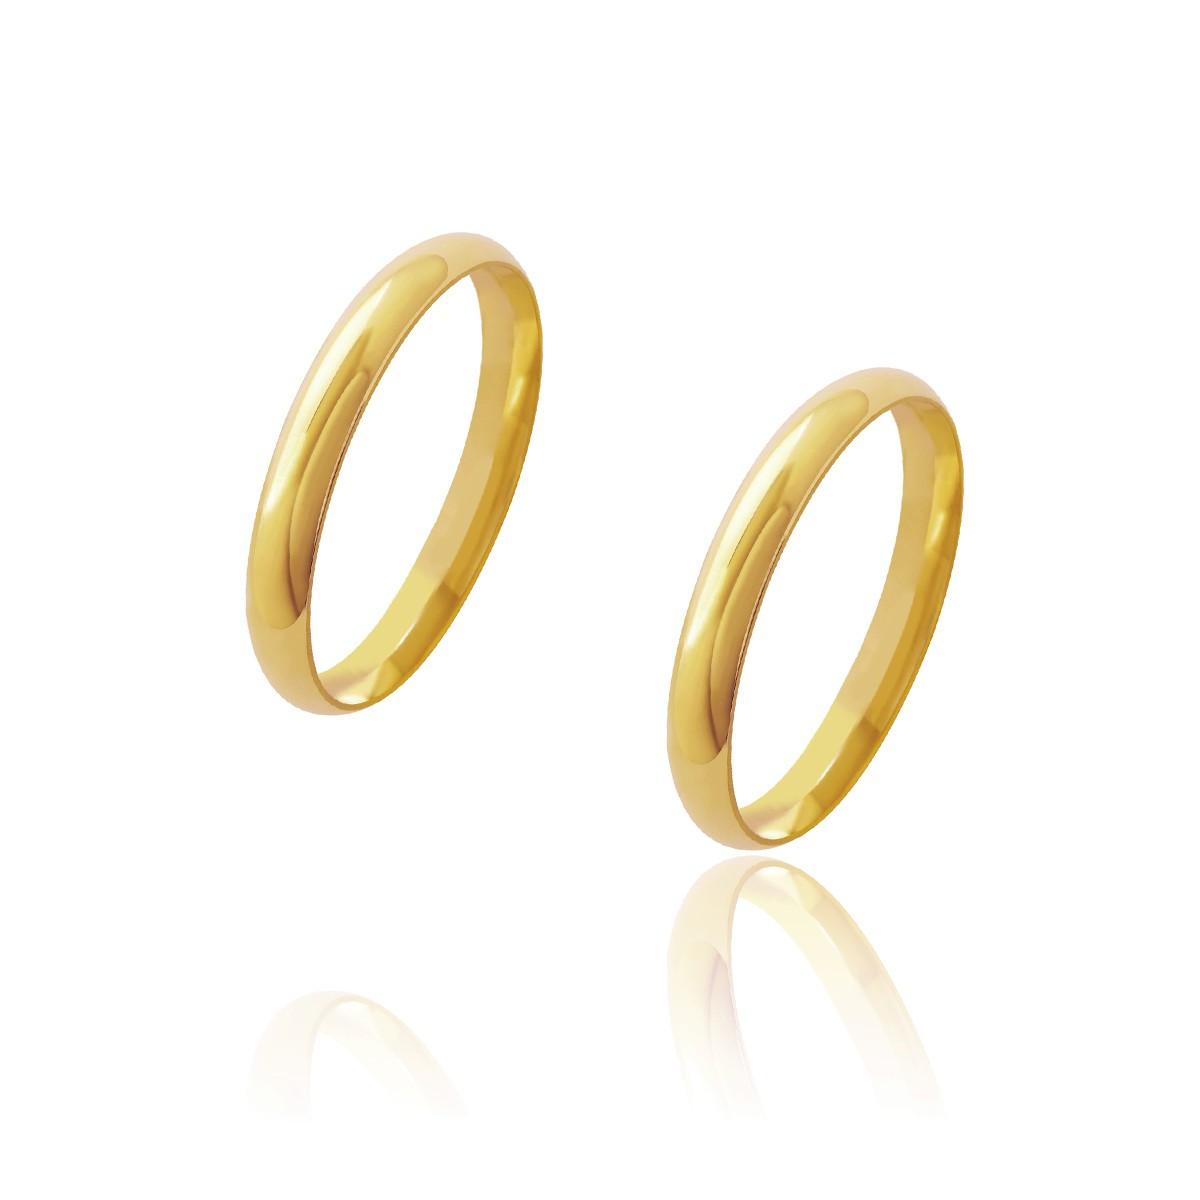 Par de Alianças de Casamento Diana Ouro 18k Abaulada Lisa 3,5mm 5,6g